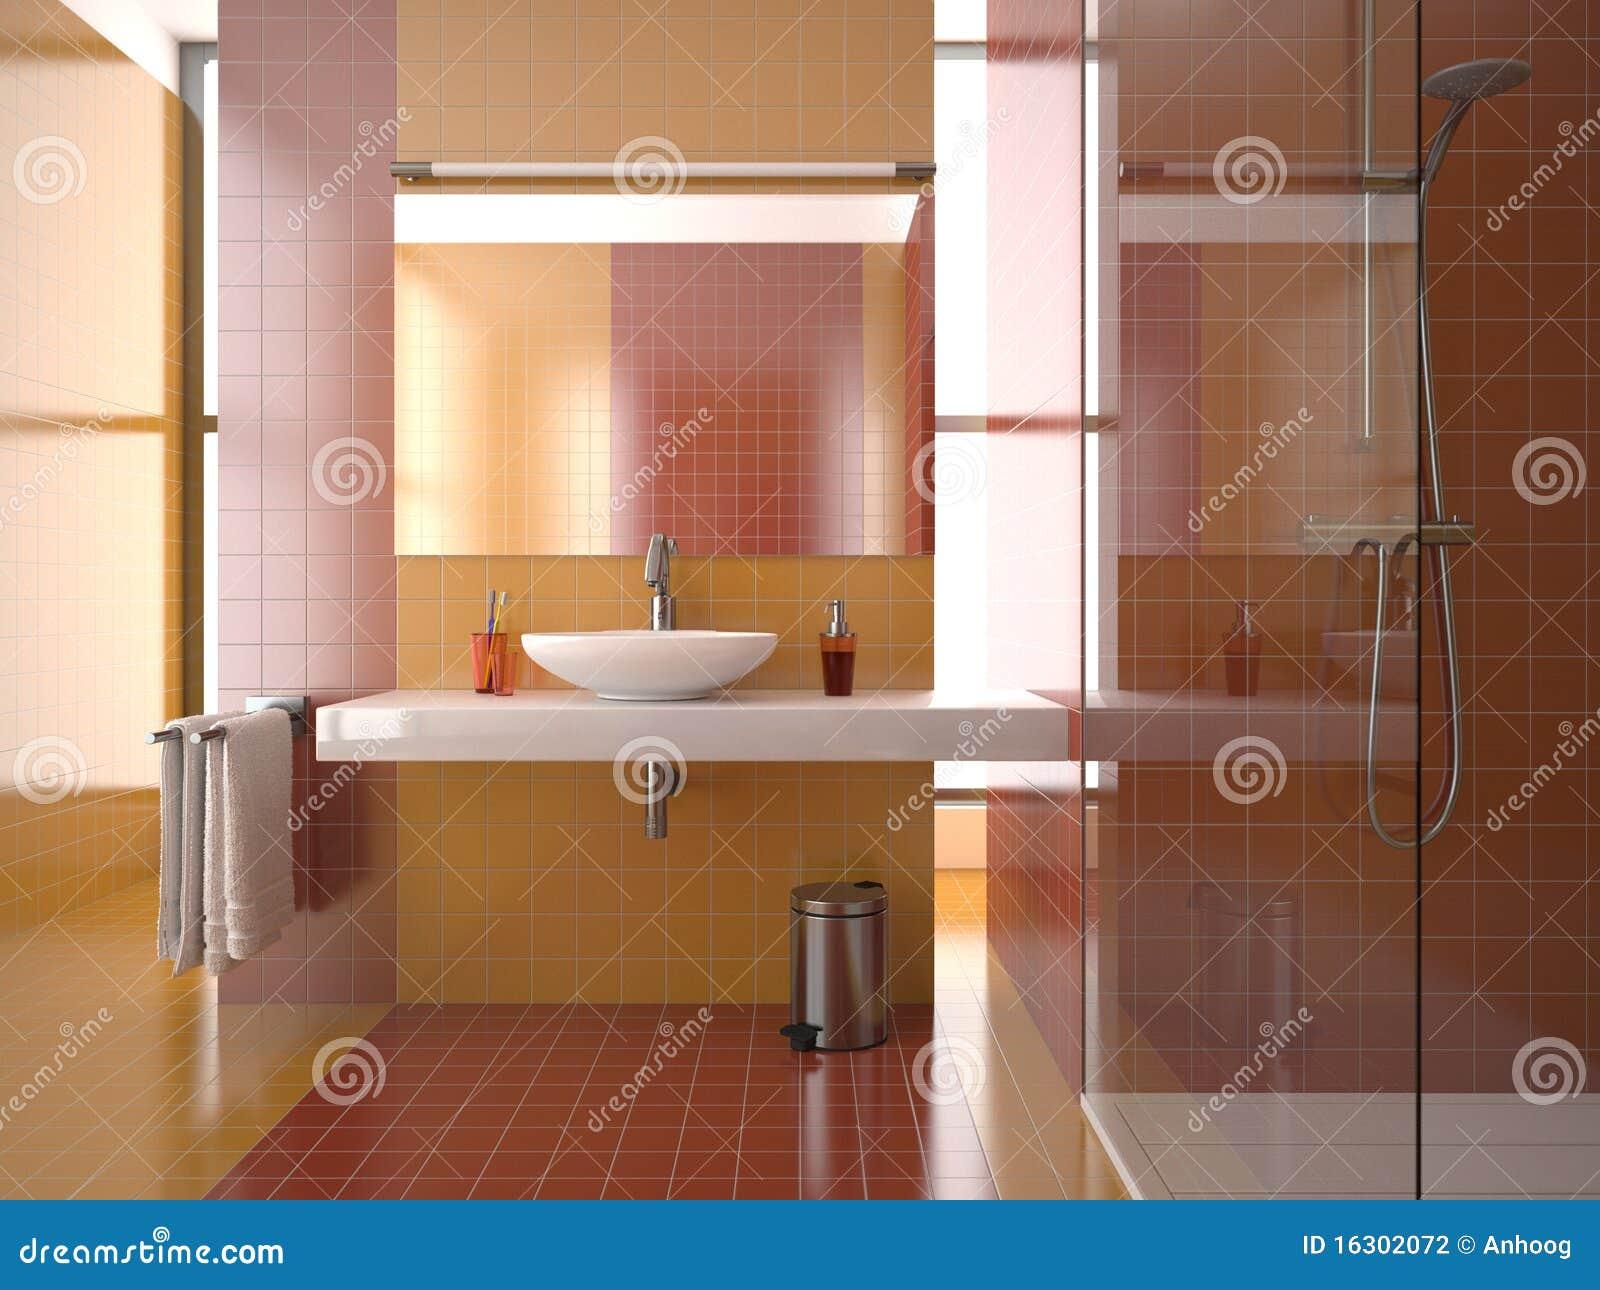 Baños Con Azulejos Rojos:Orange and Red Bathroom Tile